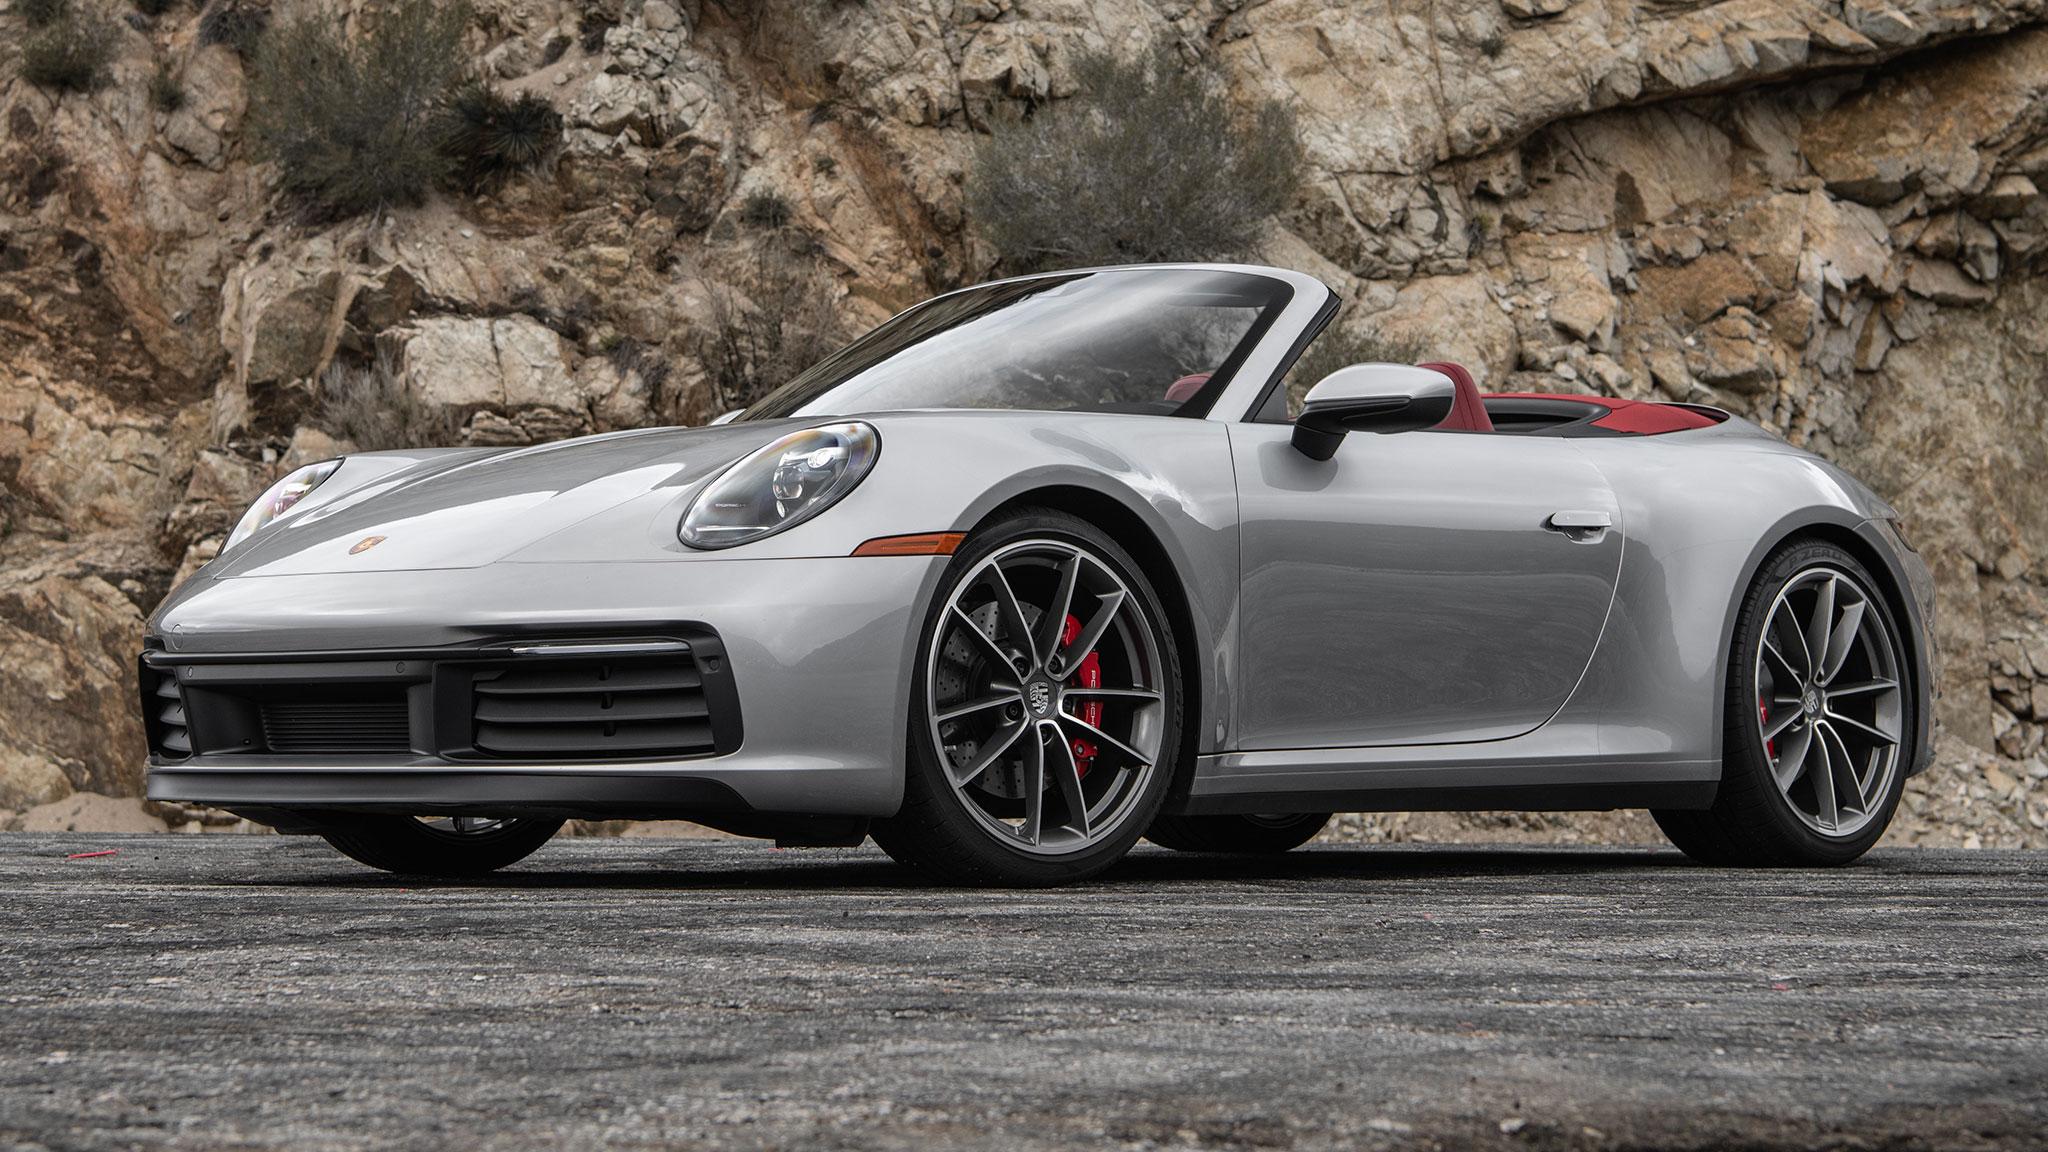 2020 Porsche 911 Carrera S Cabriolet First Drive Technology Shout